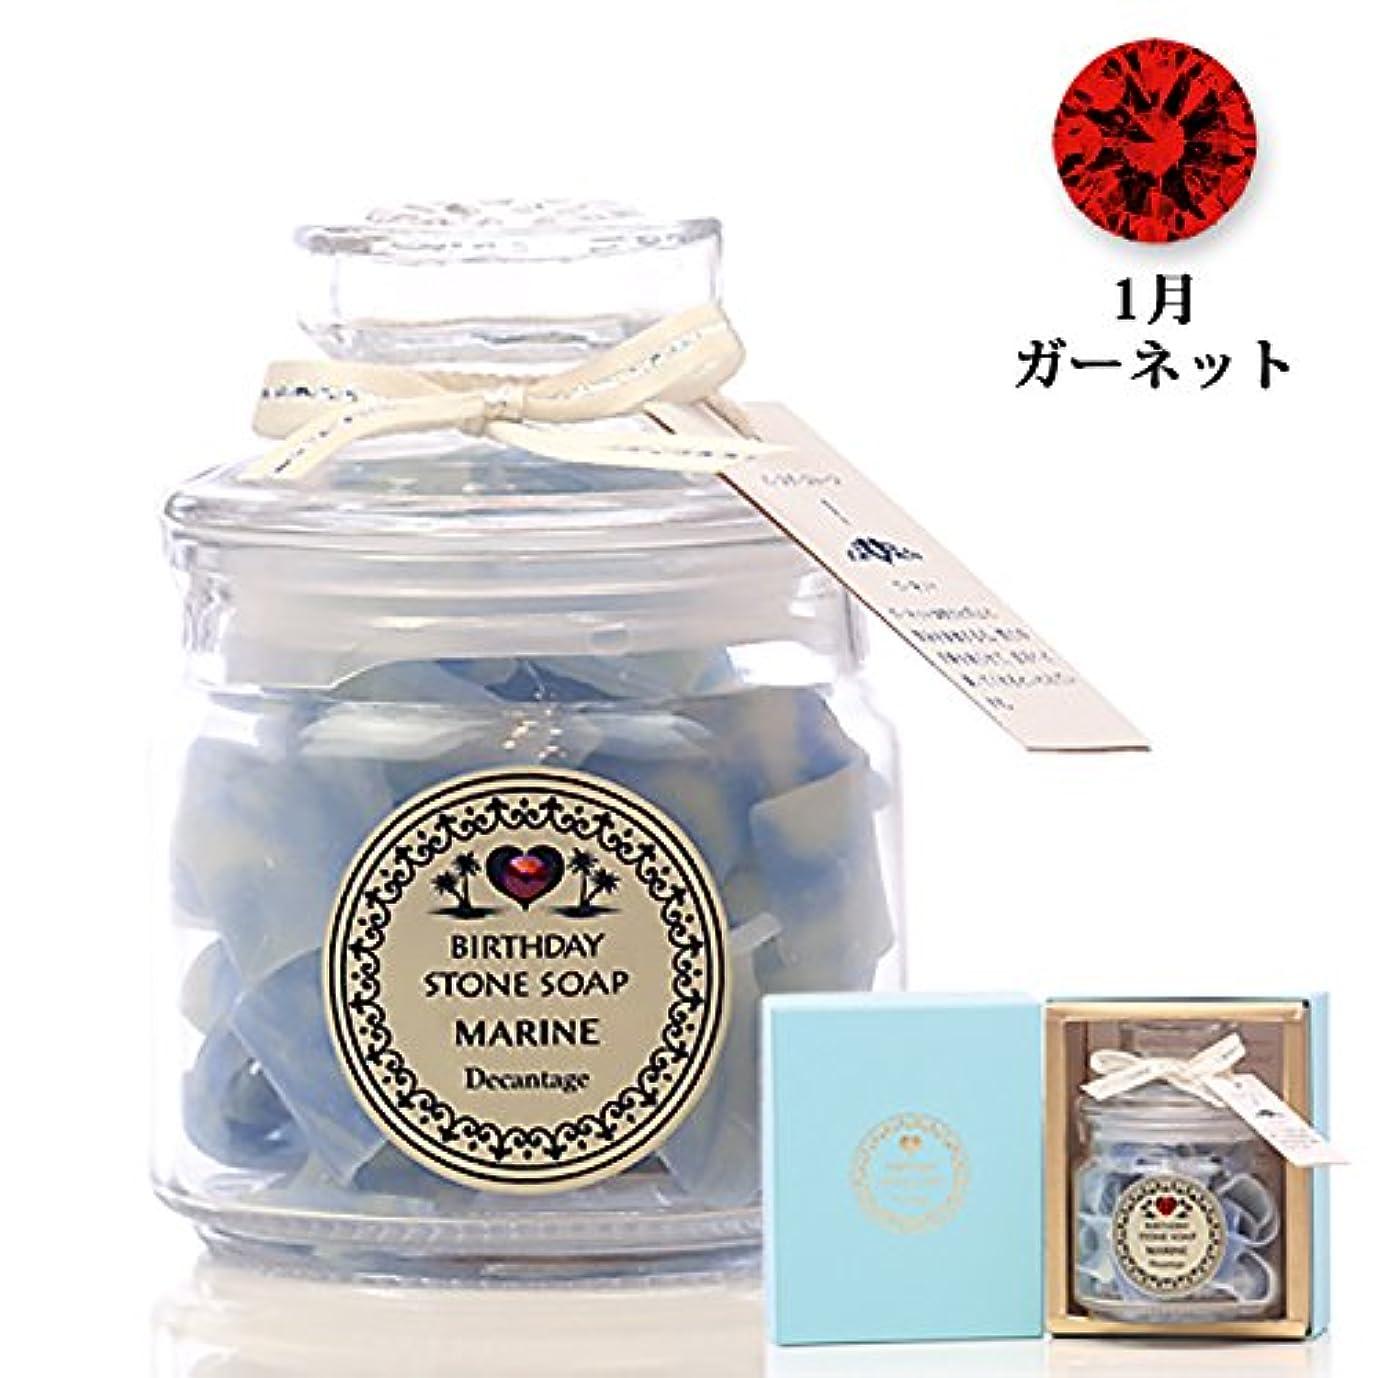 仮装難民虐殺誕生月で選べる「バースデーストーンソープ マリン」1月誕生石(ガーネット) プルメリアの香り